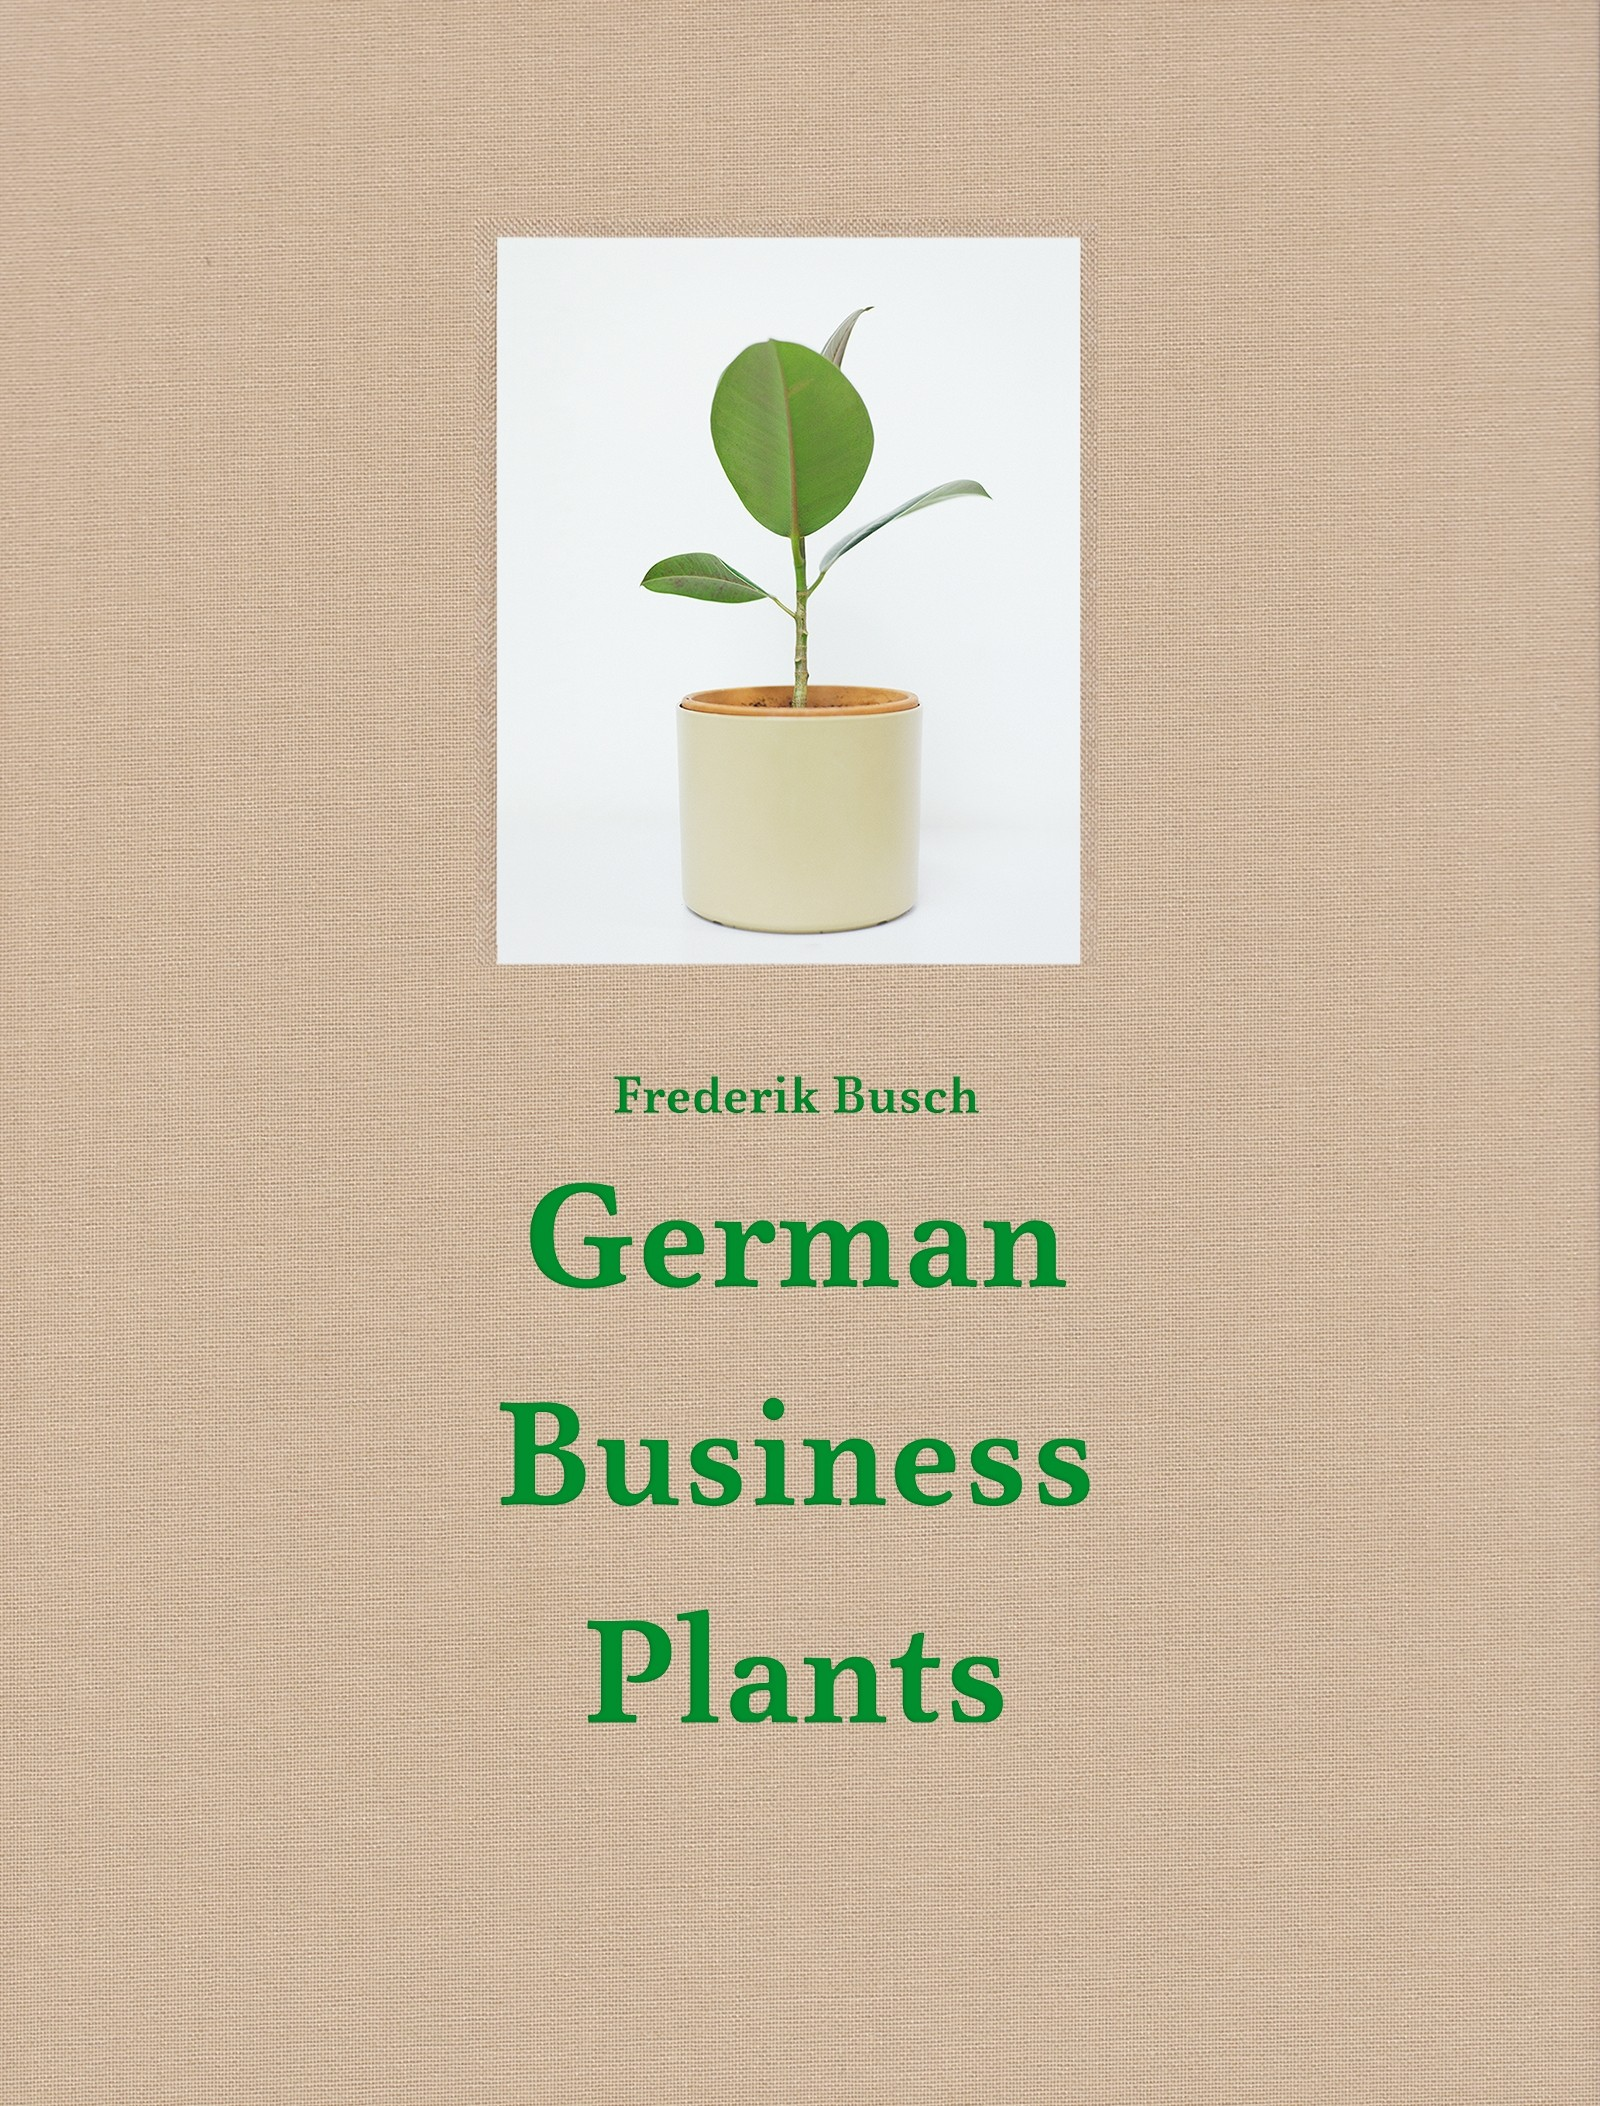 Frederik Busch German Business Plants